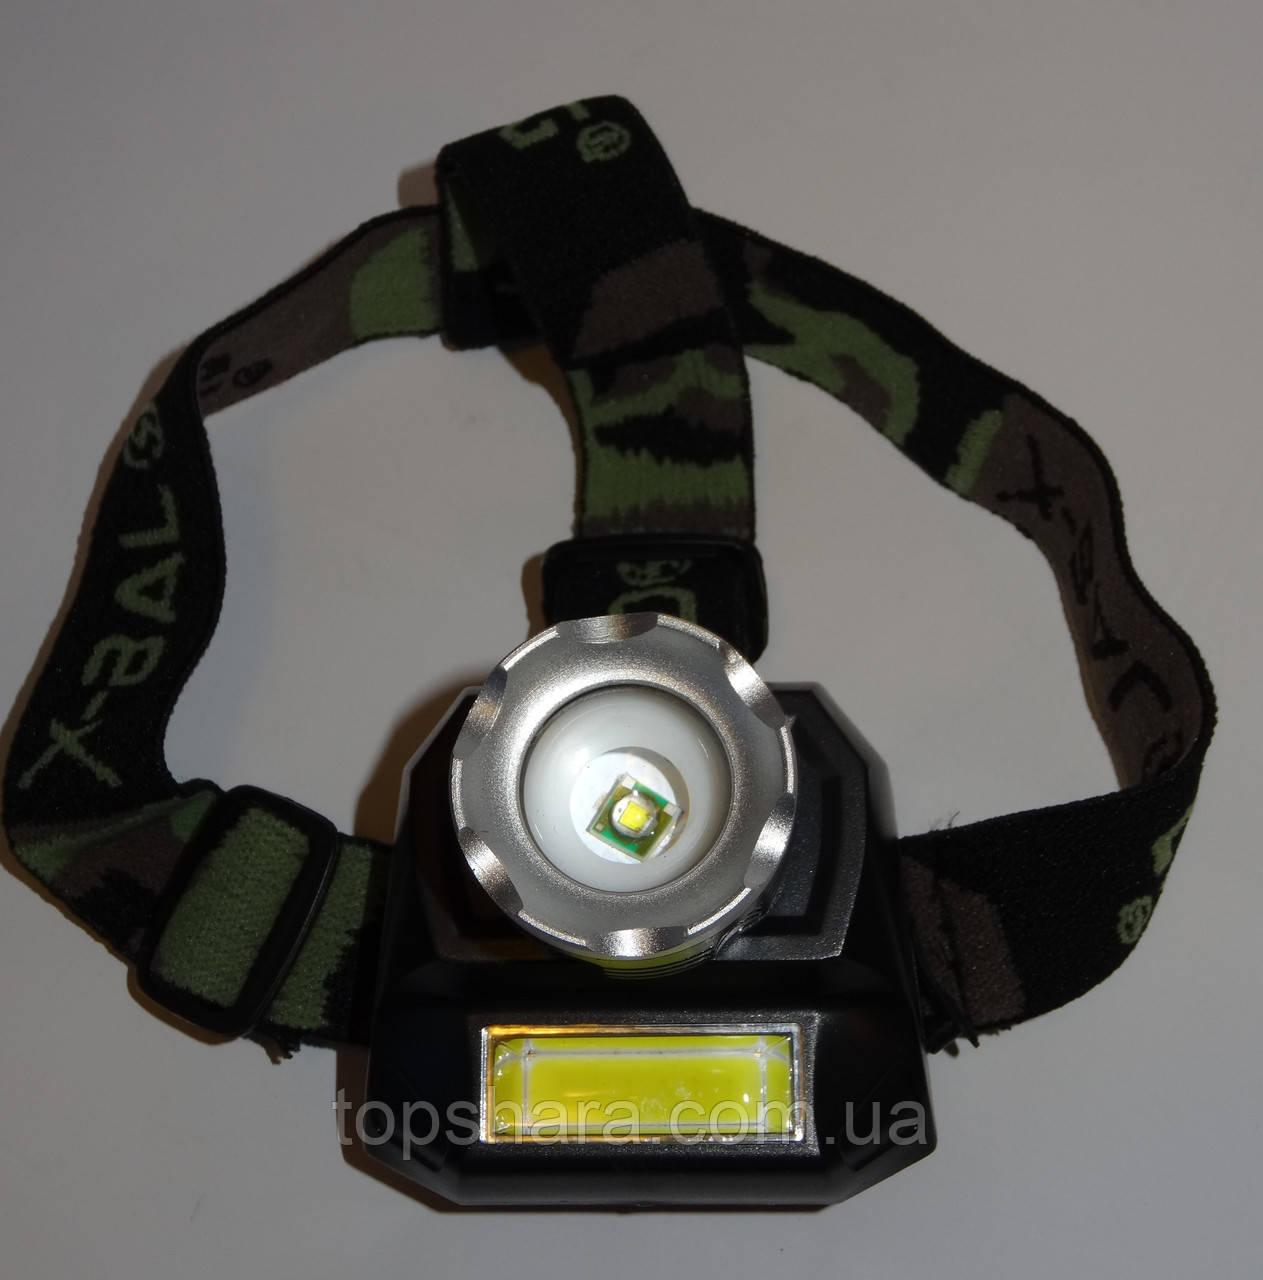 Головной фонарь Police BL-6911 XPE + led лента